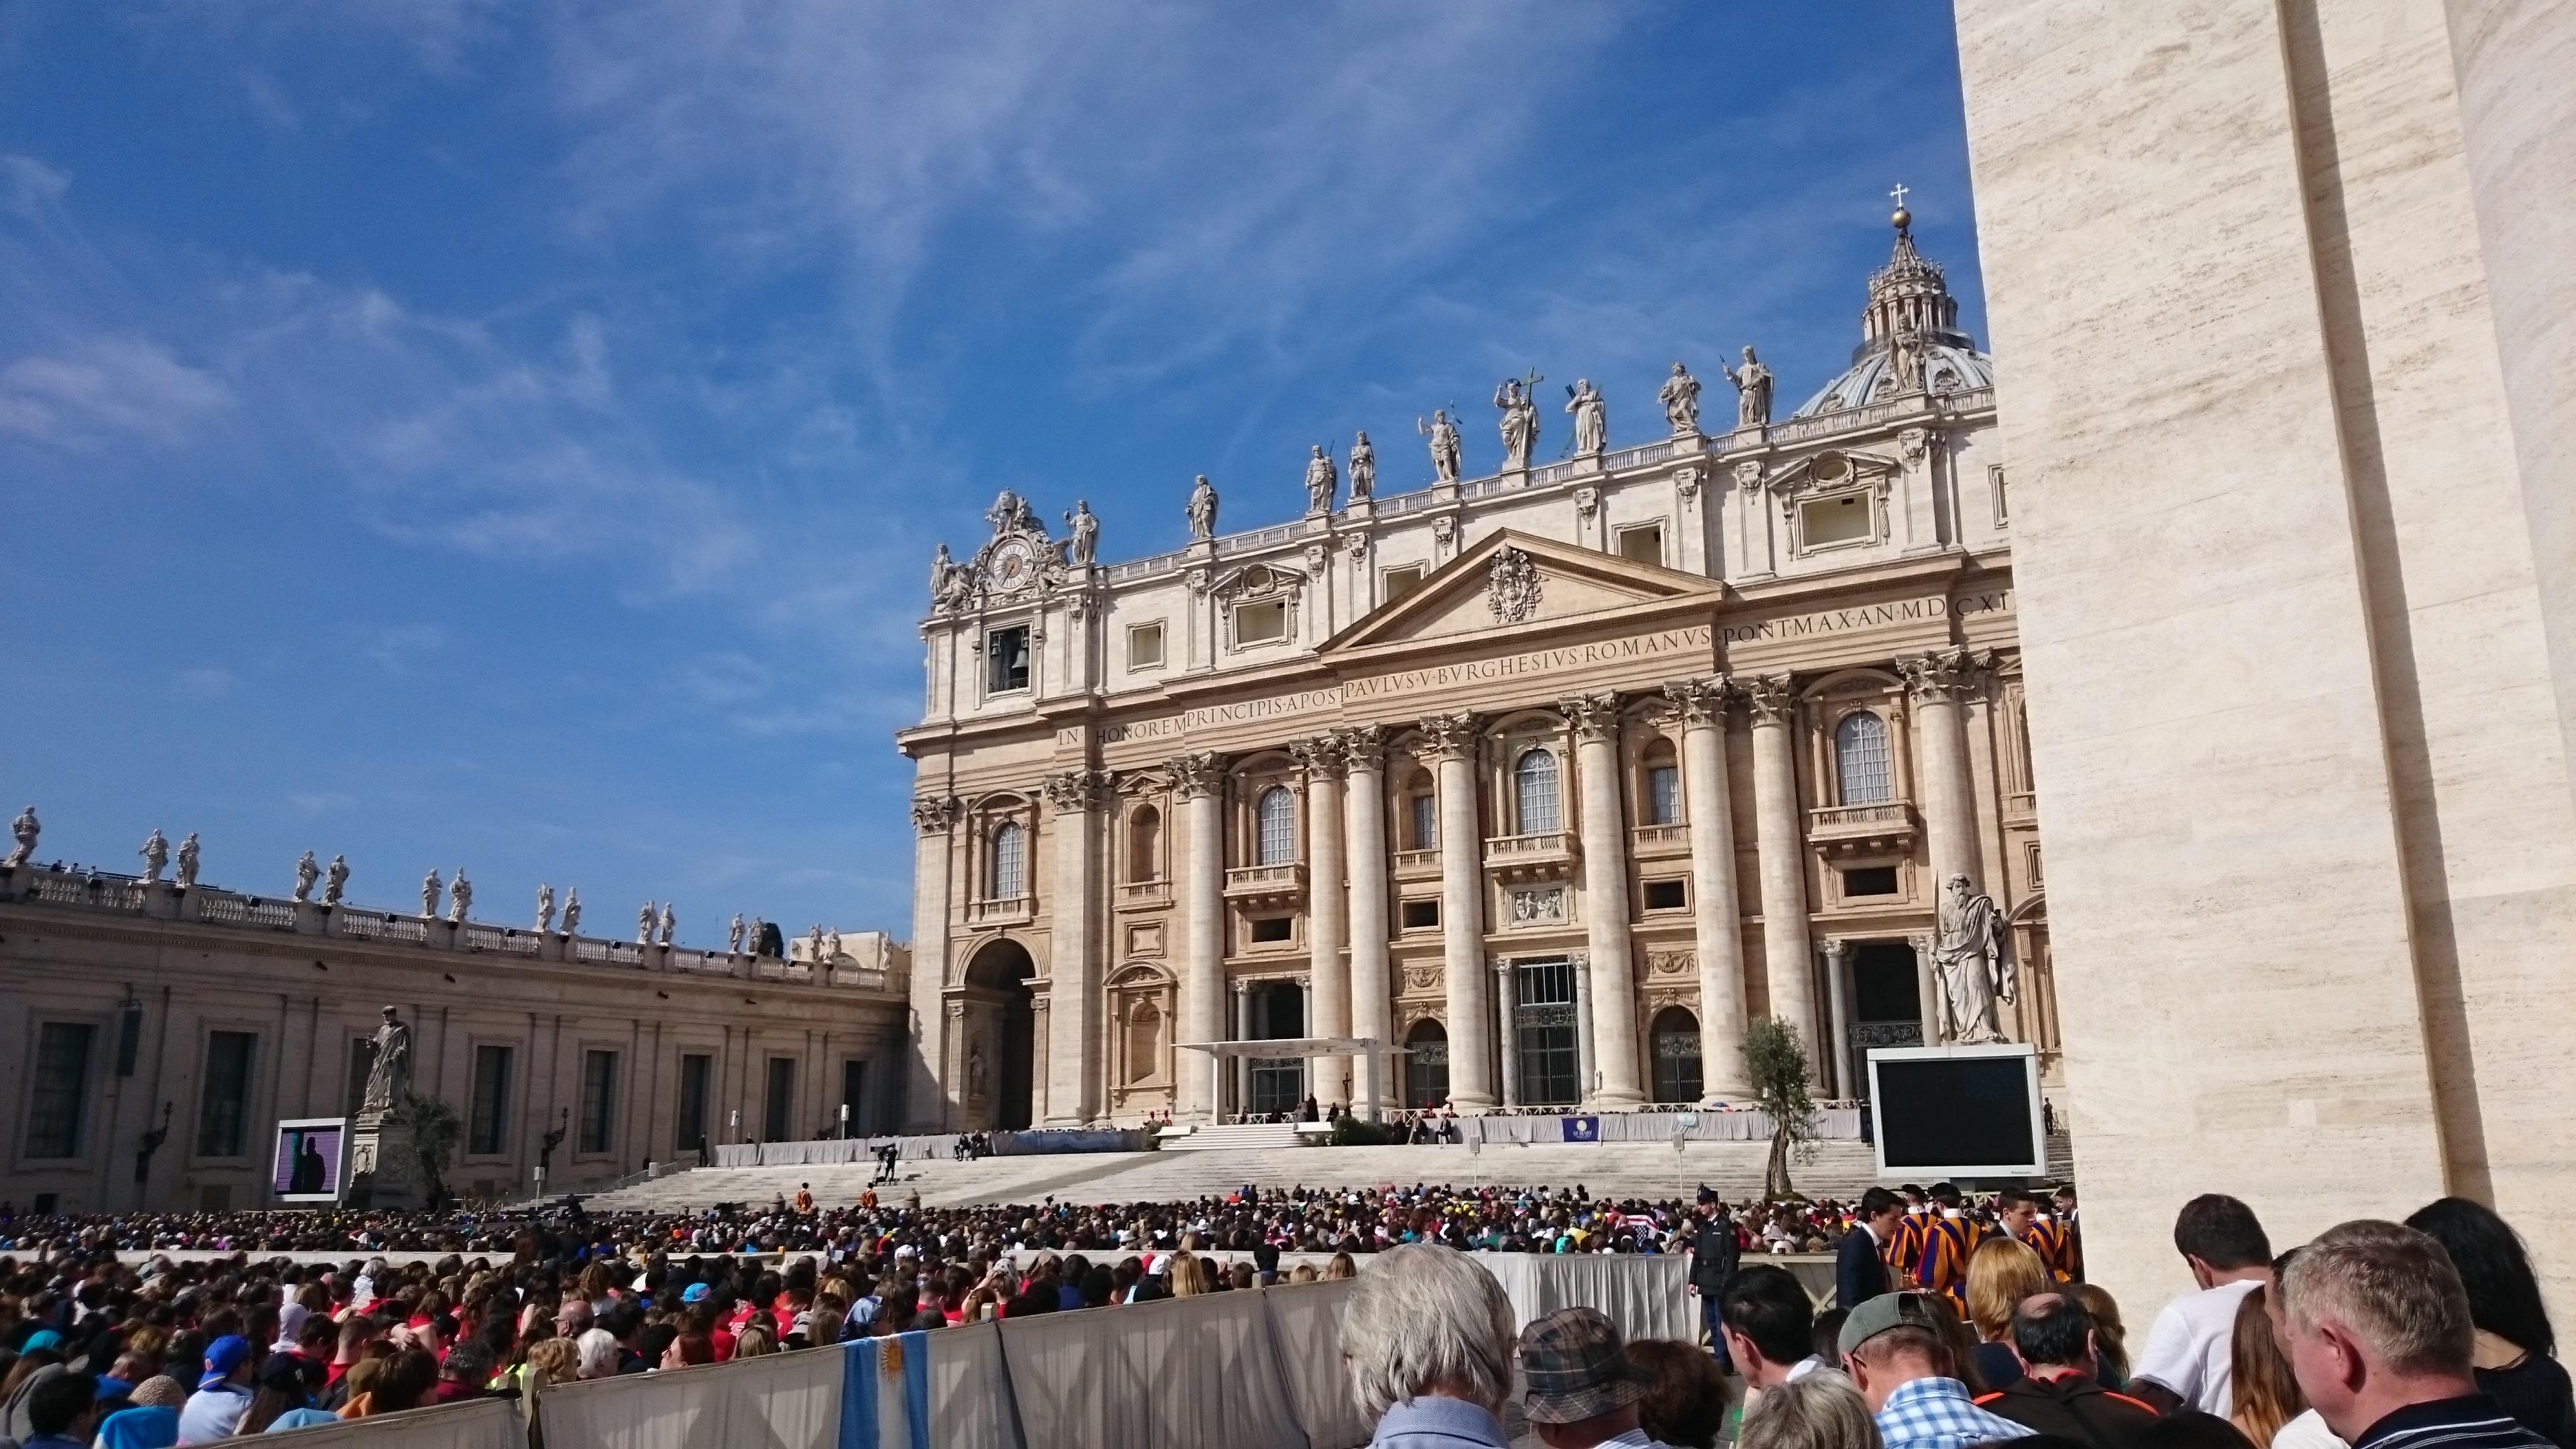 DSC 2239 - Consejos para visitar el Vaticano